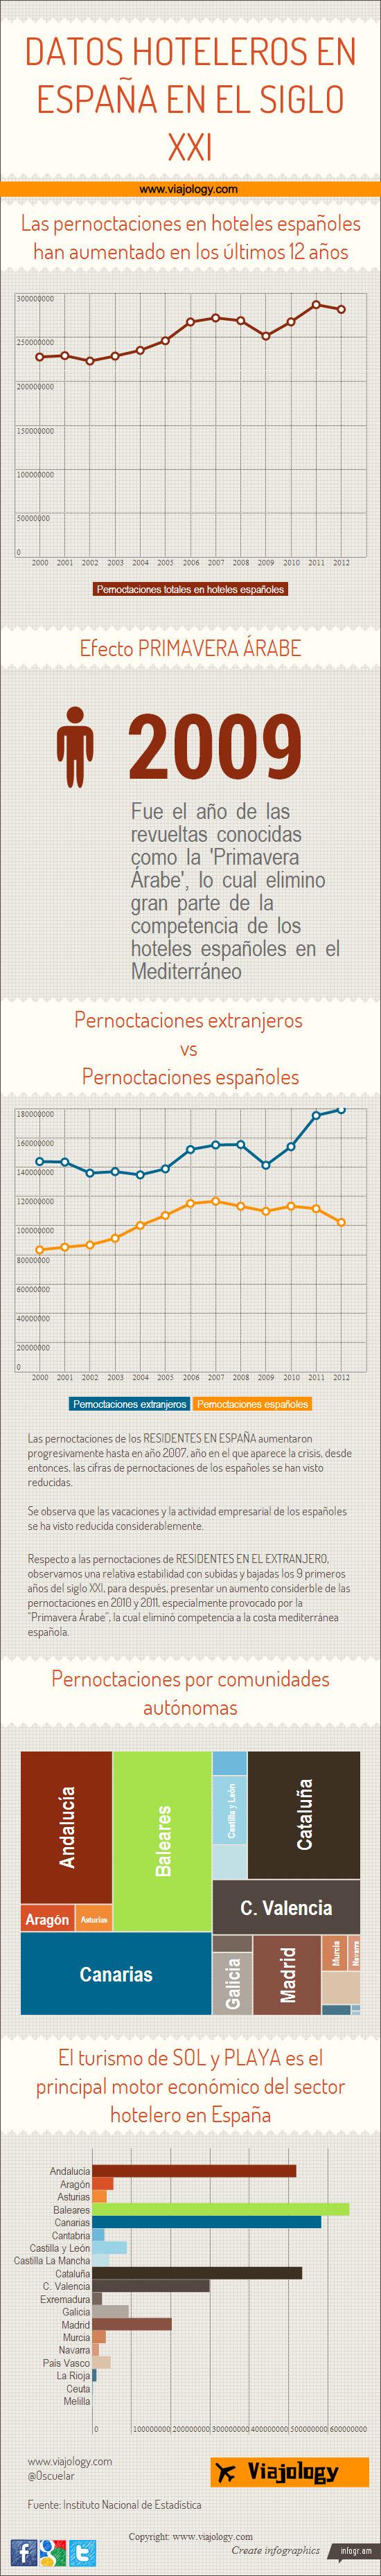 Infografia hoteles en España en el siglo XXI